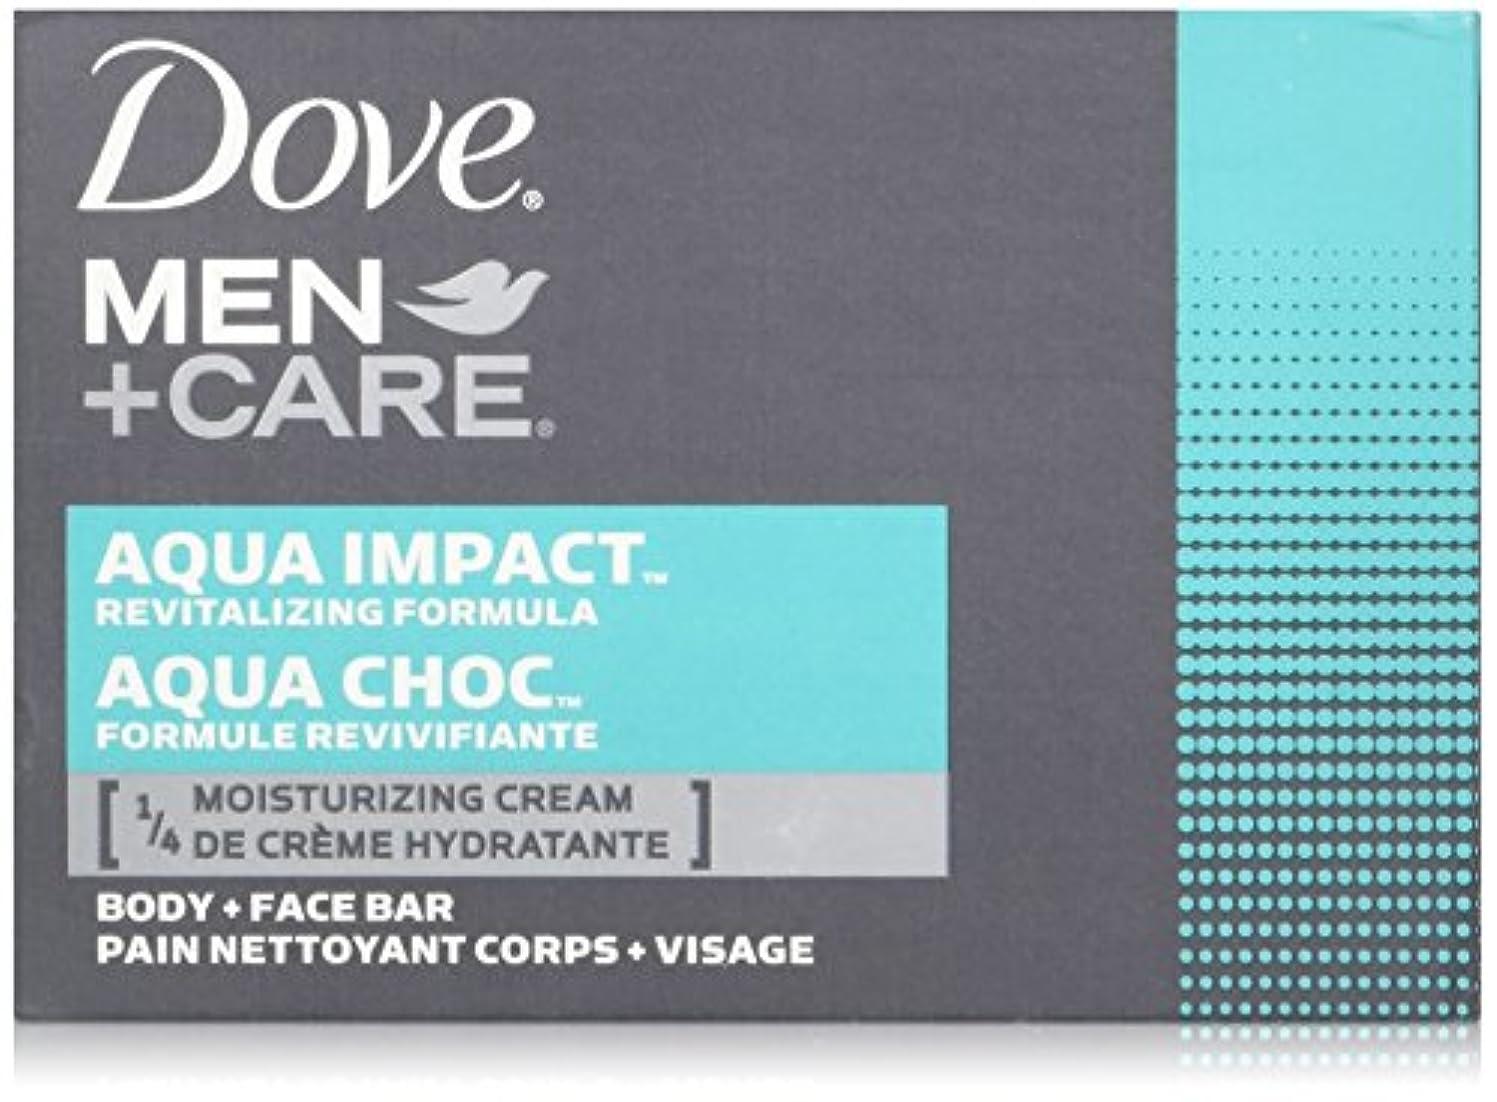 郵便札入れ単語Dove Men + Care Body and Face Bar, AQUA IMPACT 4oz x 6soaps ダブ メン プラスケア アクアインパクト 固形石鹸 4oz x 6個パック